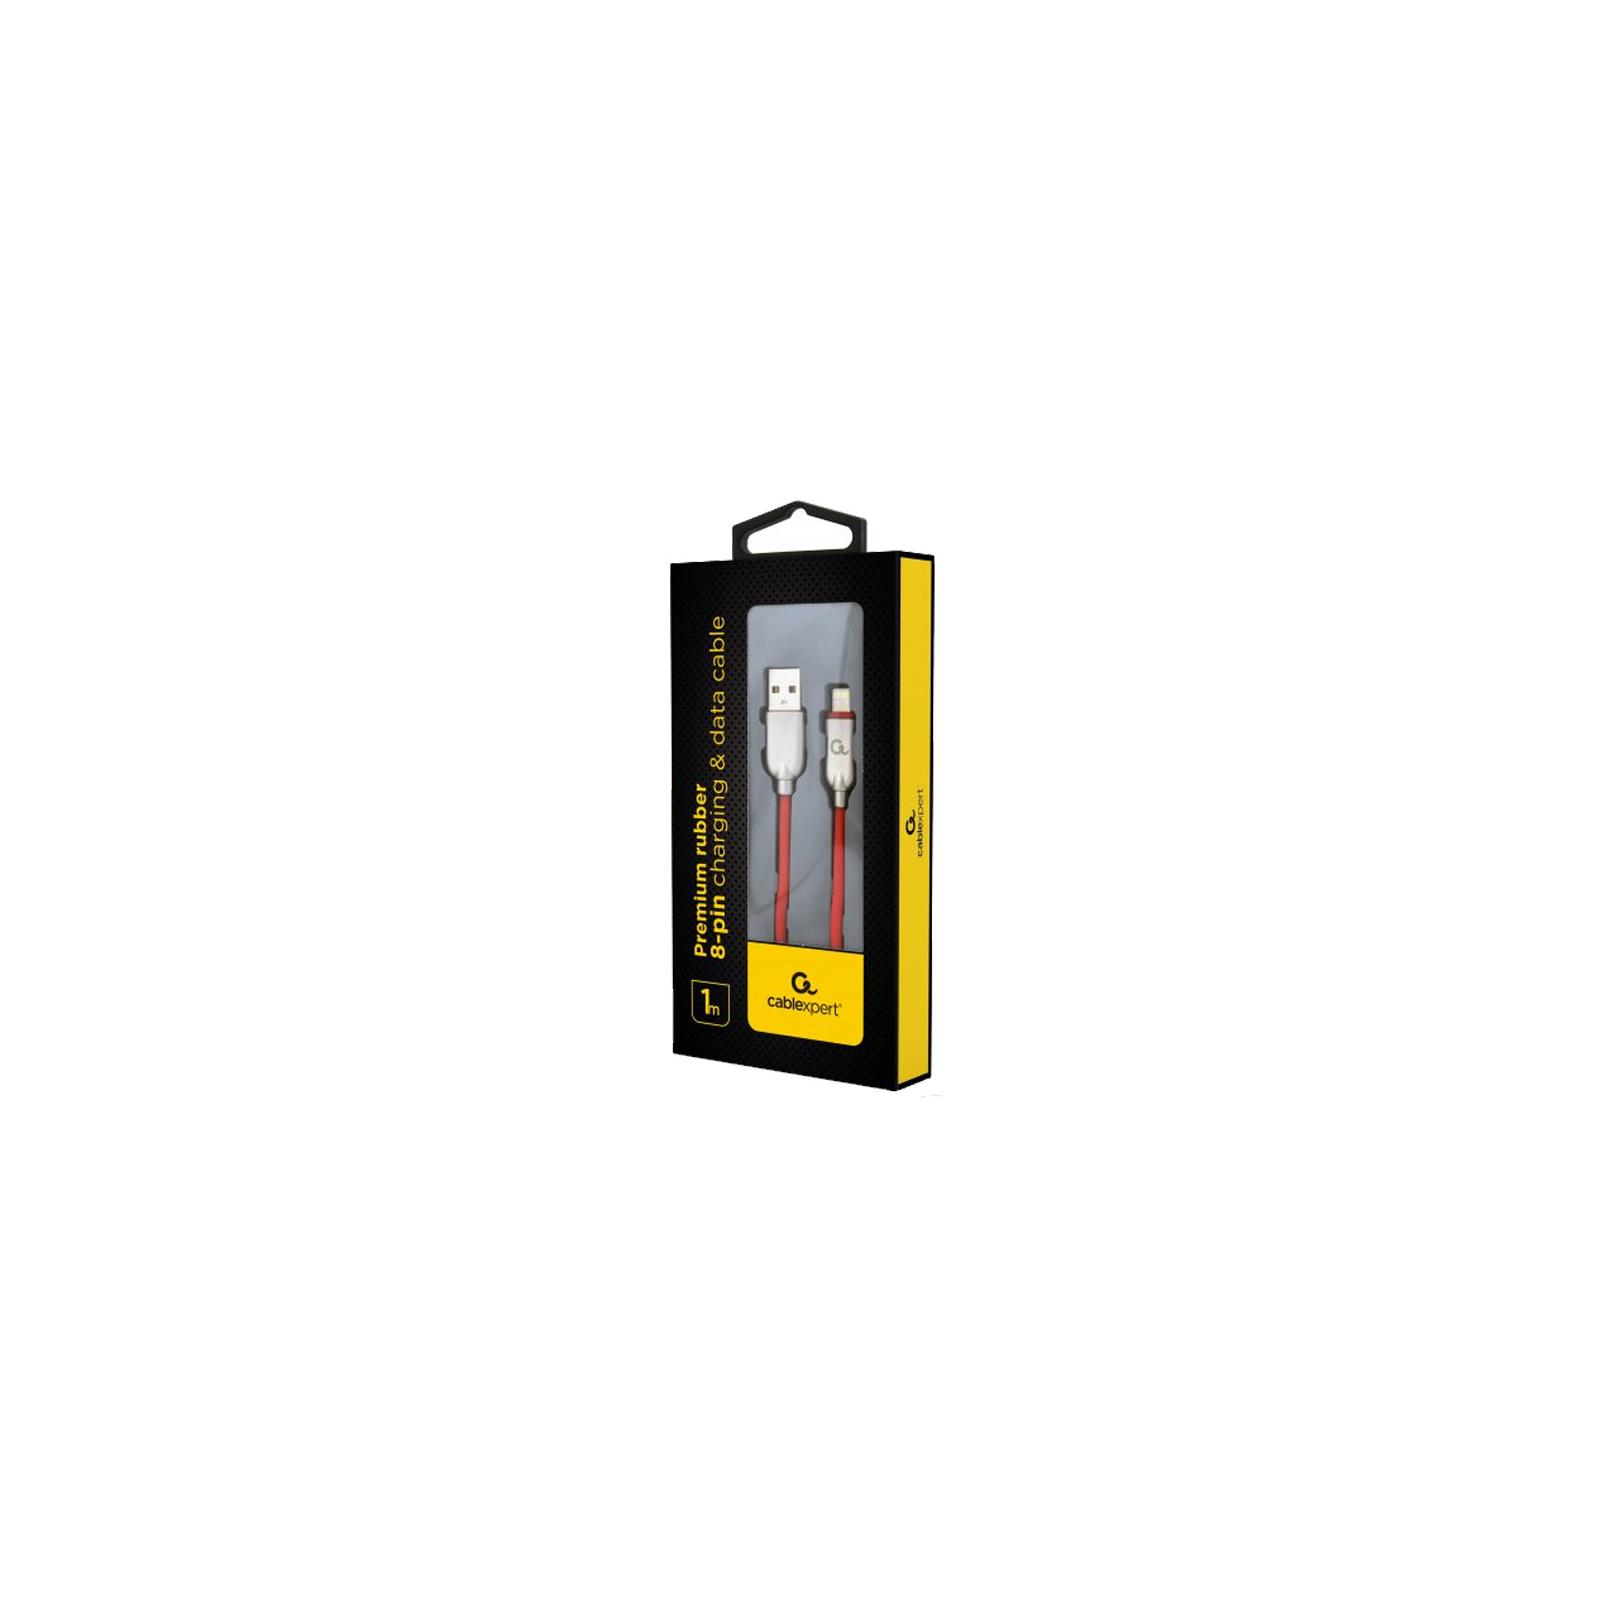 Дата кабель USB 2.0 AM to Lightning 1.0m Cablexpert (CC-USB2R-AMLM-1M) изображение 2